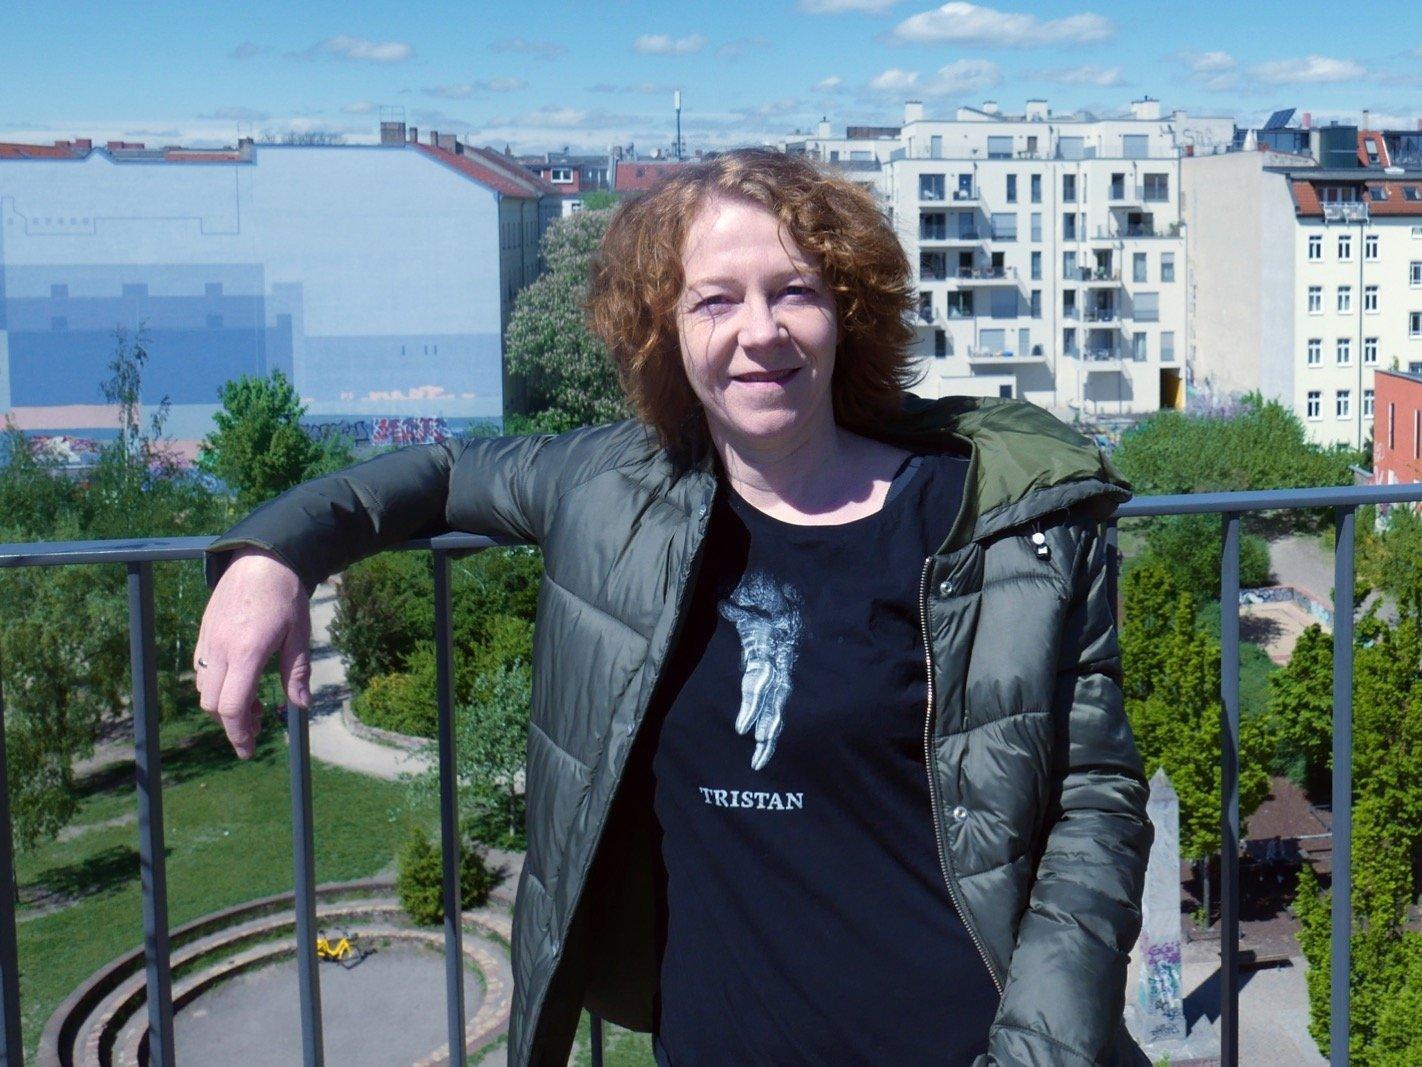 Christiane Habermalz lehnt an einem blauen Geländer. Im Hintergrund erkennt man einen Park und mehrstöckige Wohnhäuser.